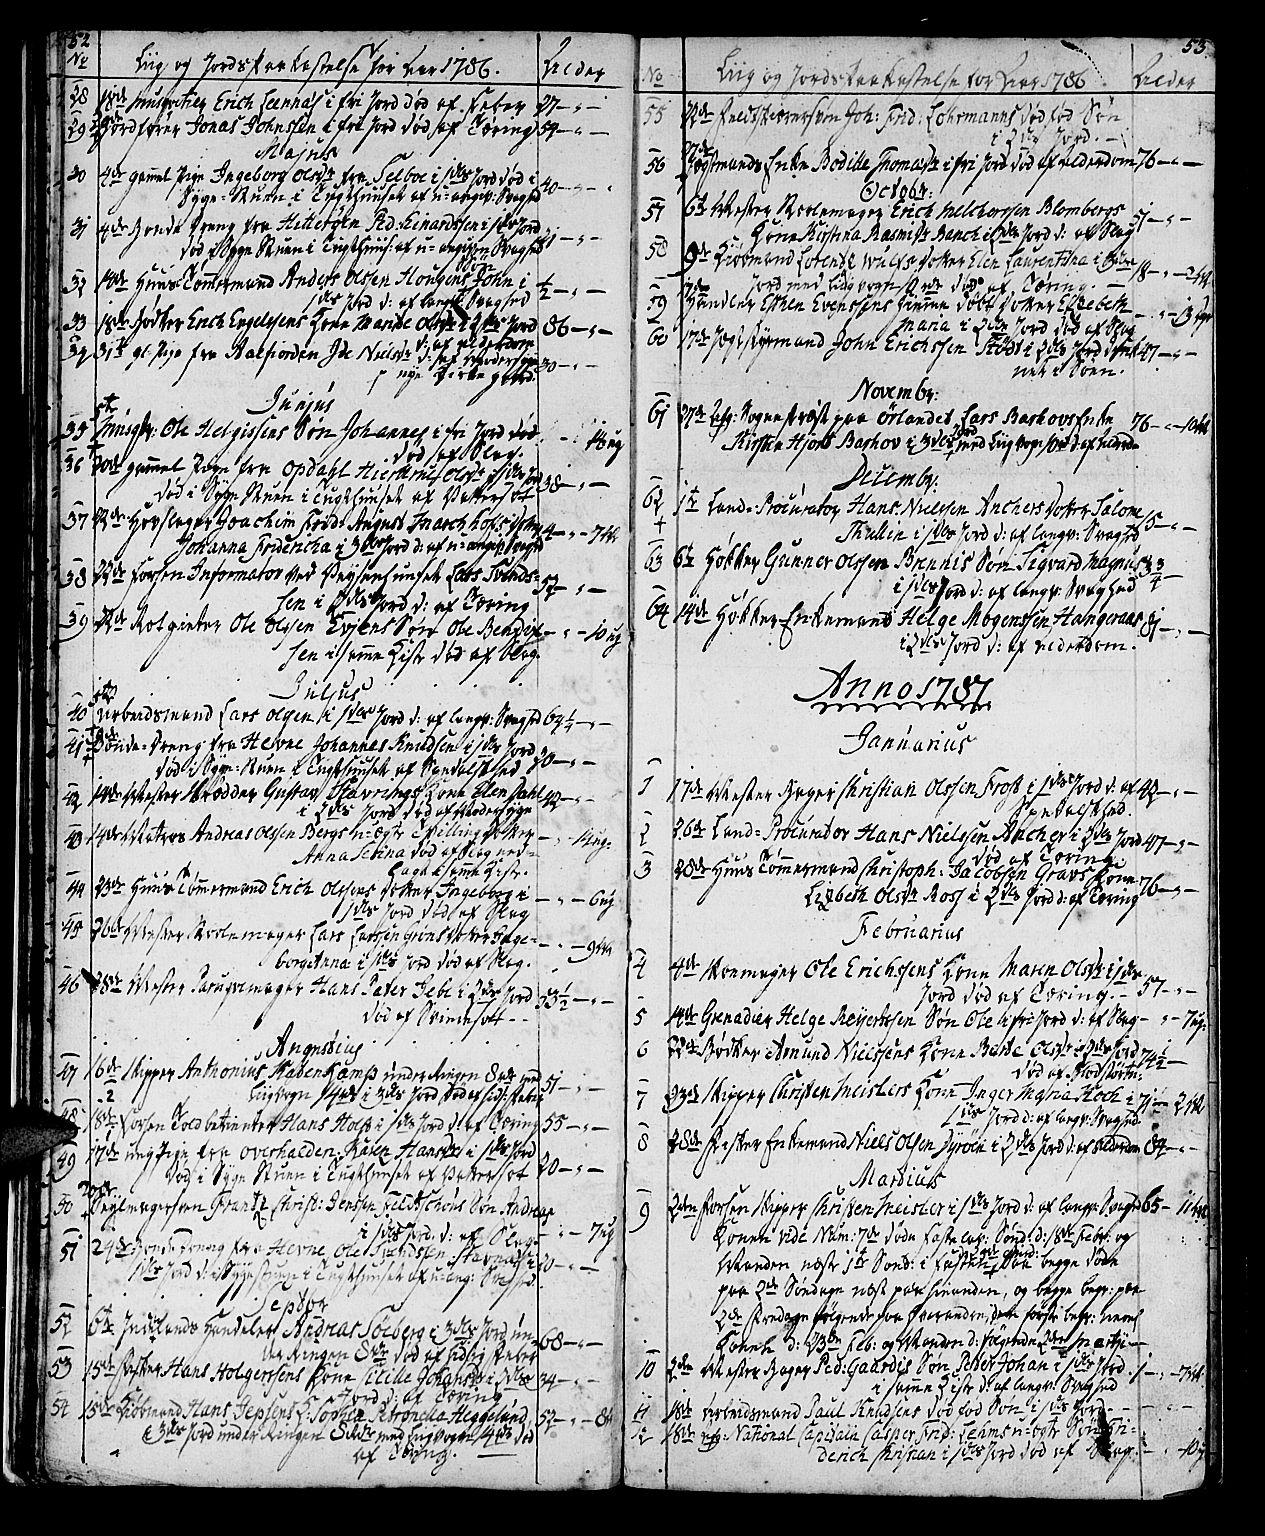 SAT, Ministerialprotokoller, klokkerbøker og fødselsregistre - Sør-Trøndelag, 602/L0134: Klokkerbok nr. 602C02, 1759-1812, s. 52-53